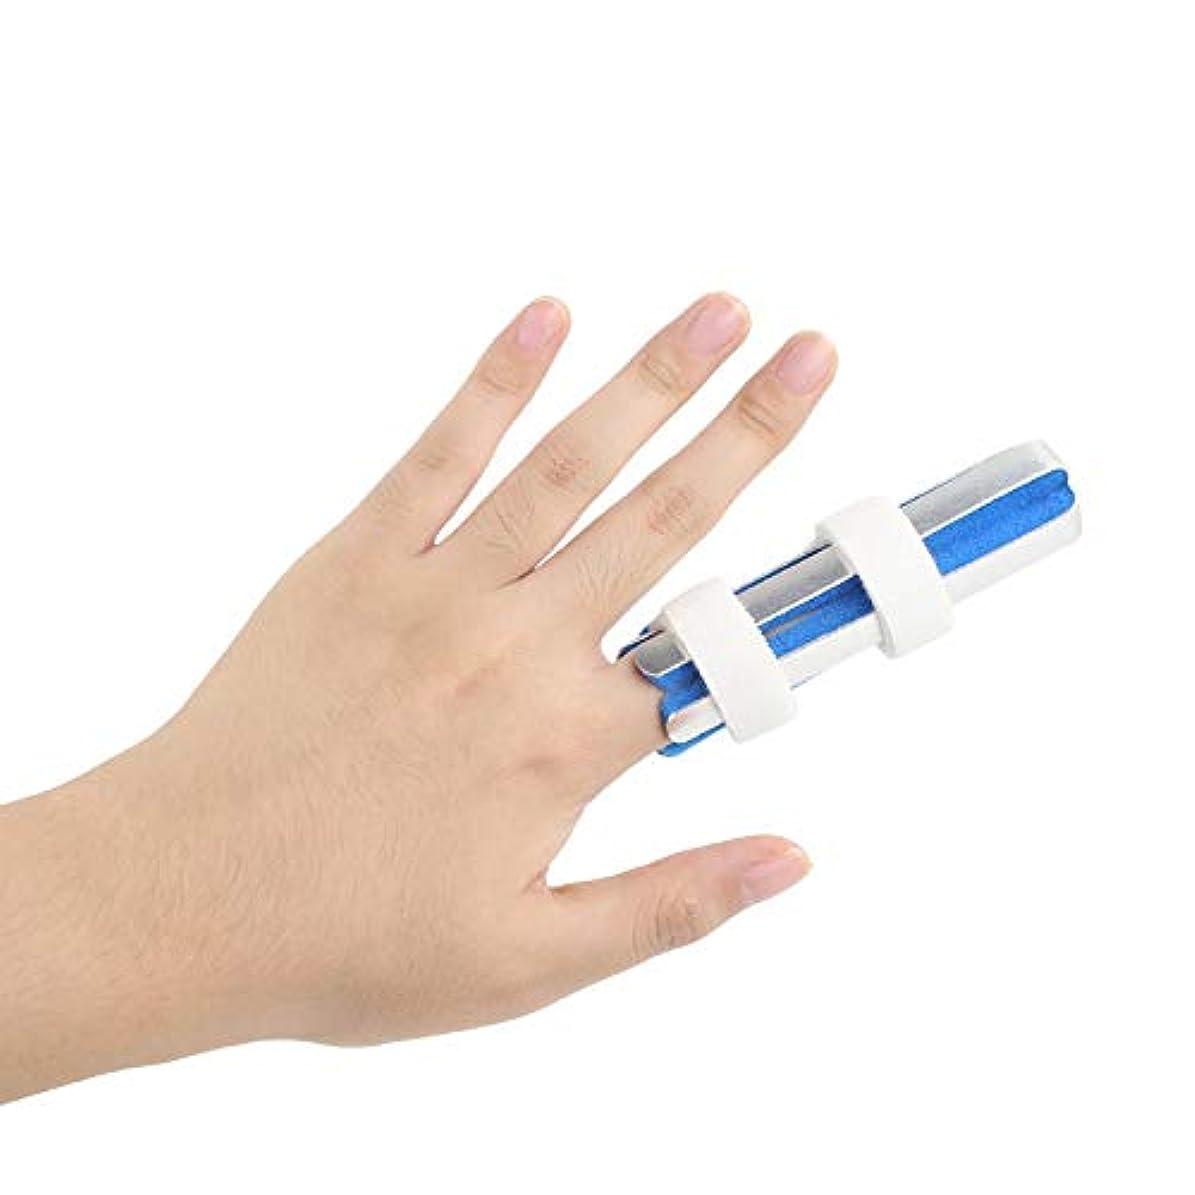 悪因子なに義務指骨折固定副木 - 保護指のカップリング装具脱臼の痛み指のけがの痛み保護指関節,S